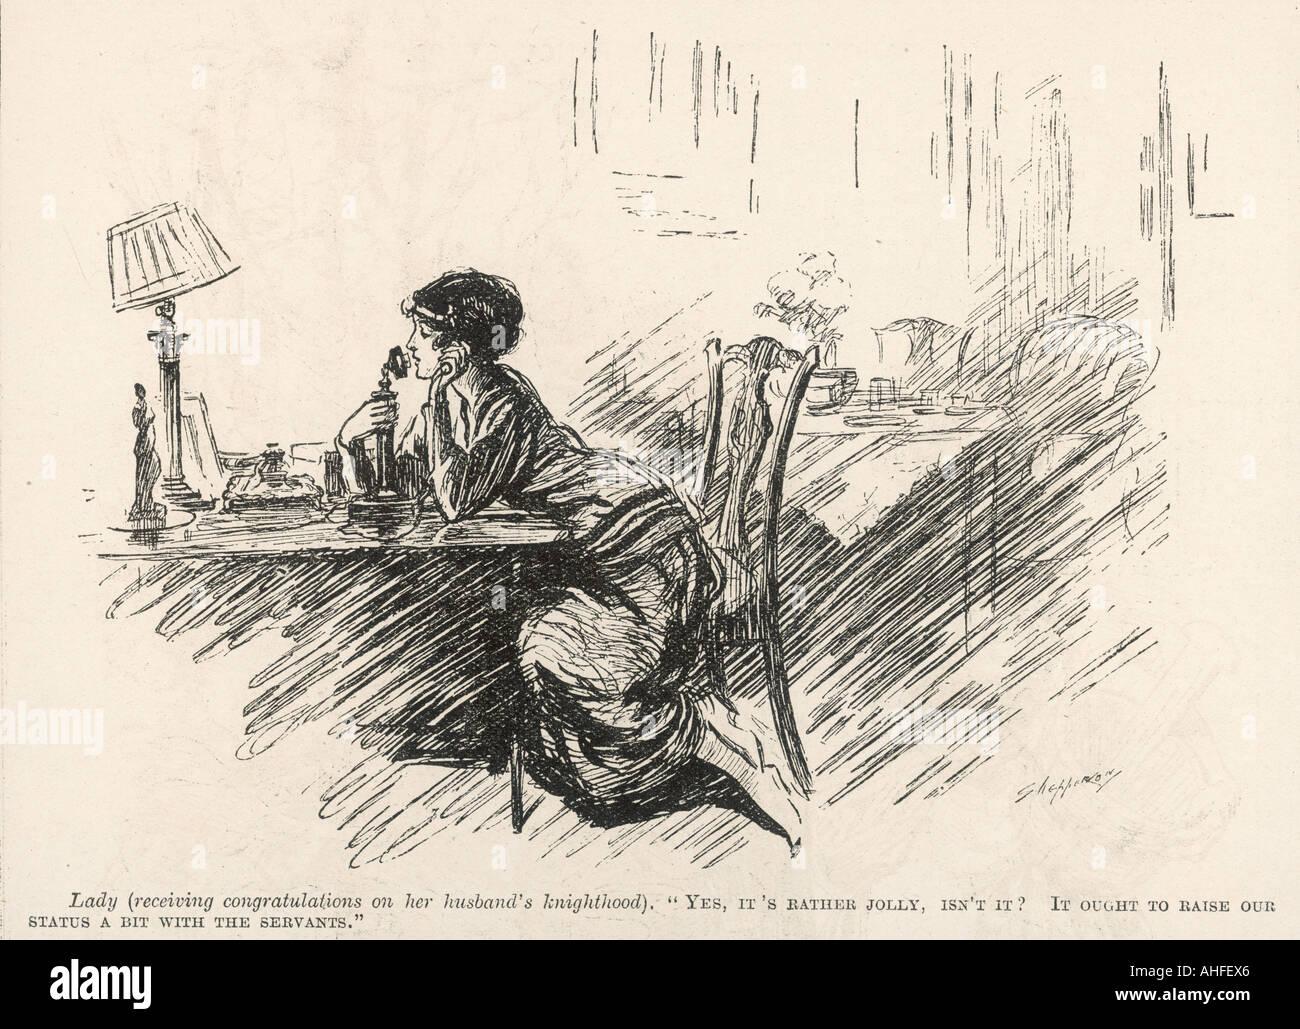 Lady On Phone 1919 - Stock Image